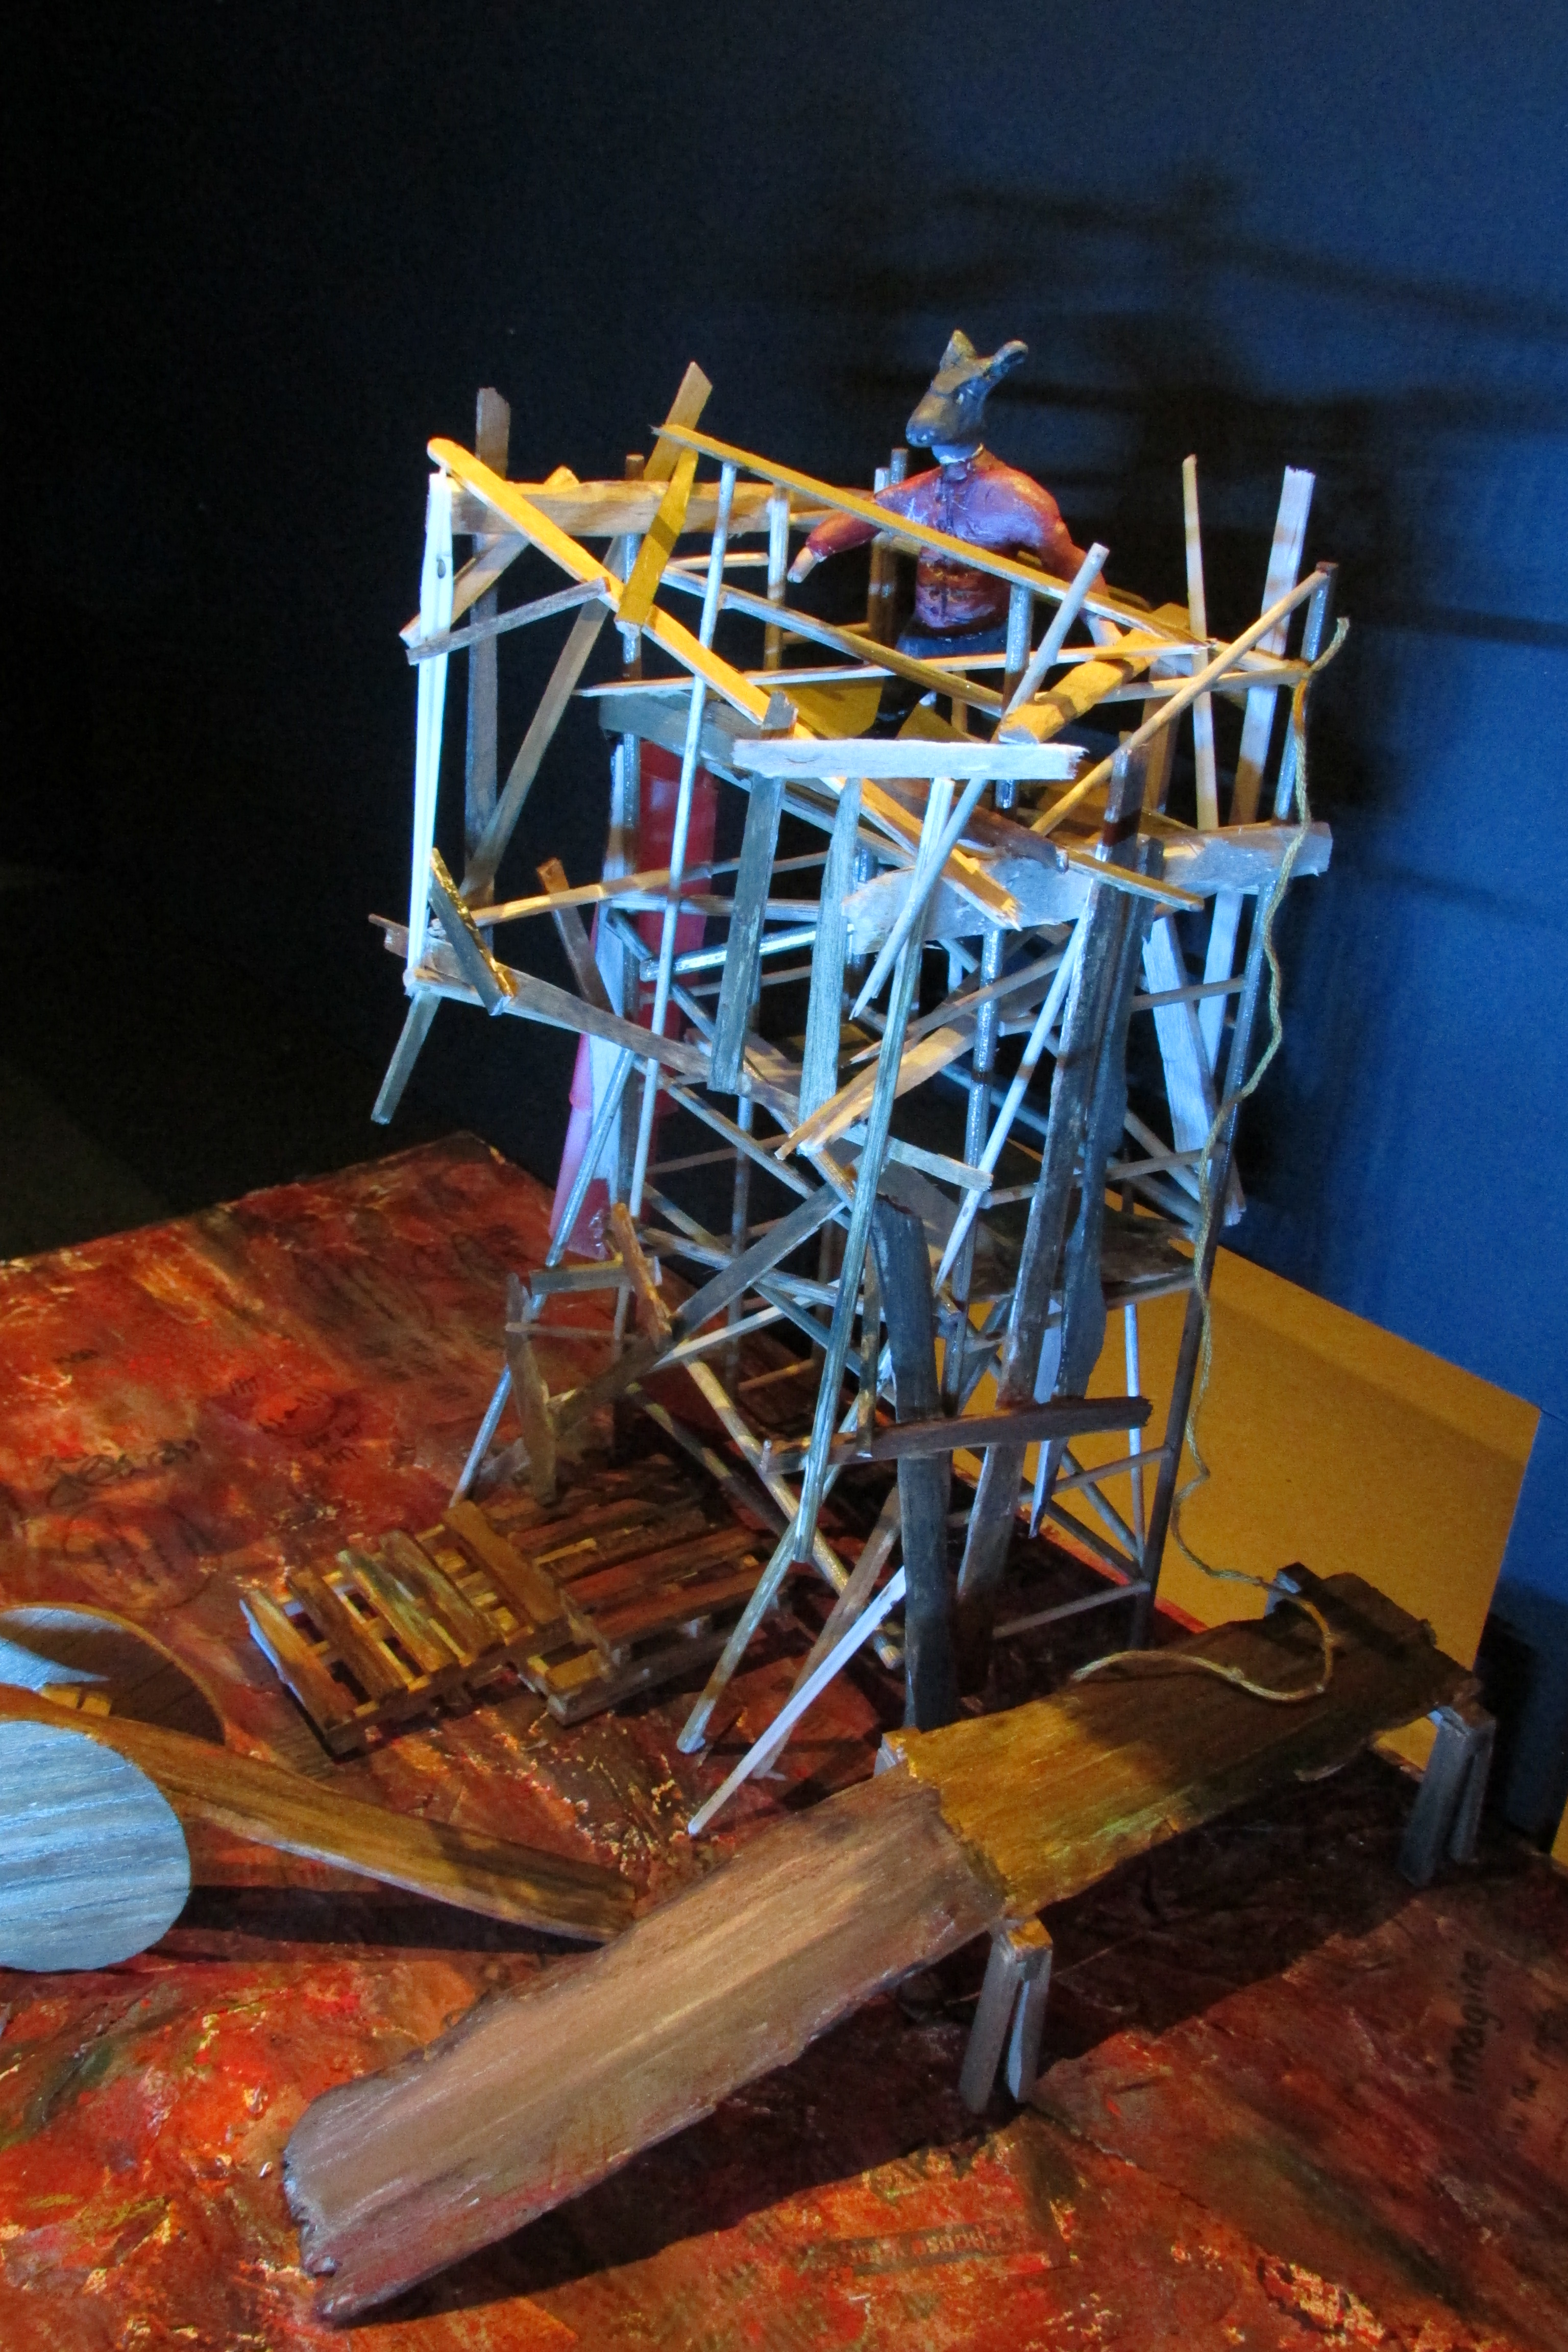 1:25 model of set